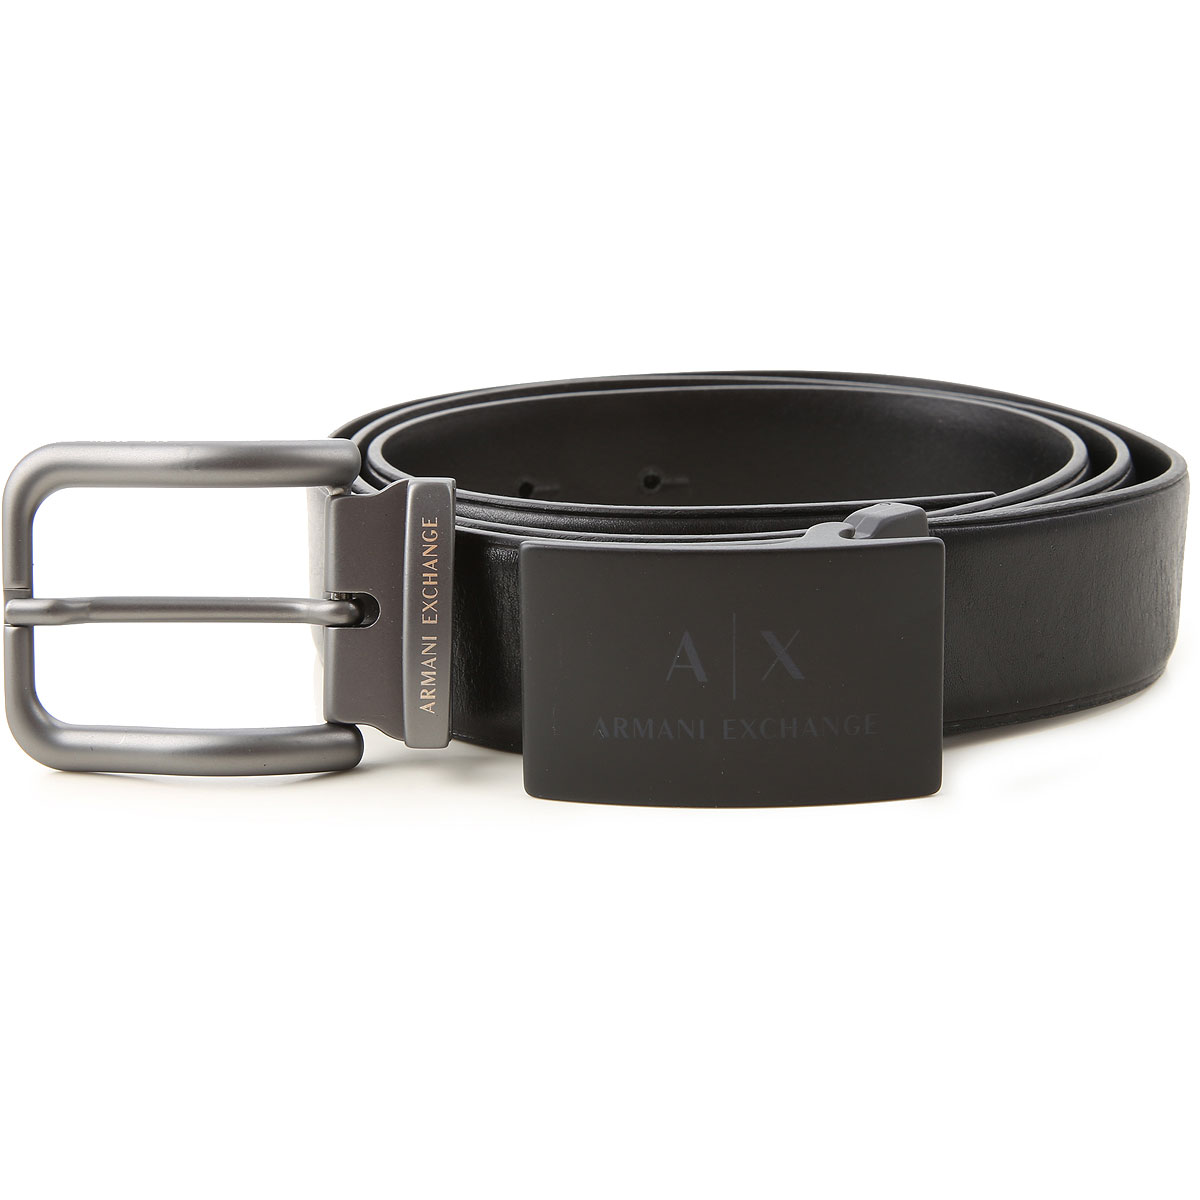 Armani Exchange Mens Belts On Sale, Set Belt, Black, Genuine Leather, 2019